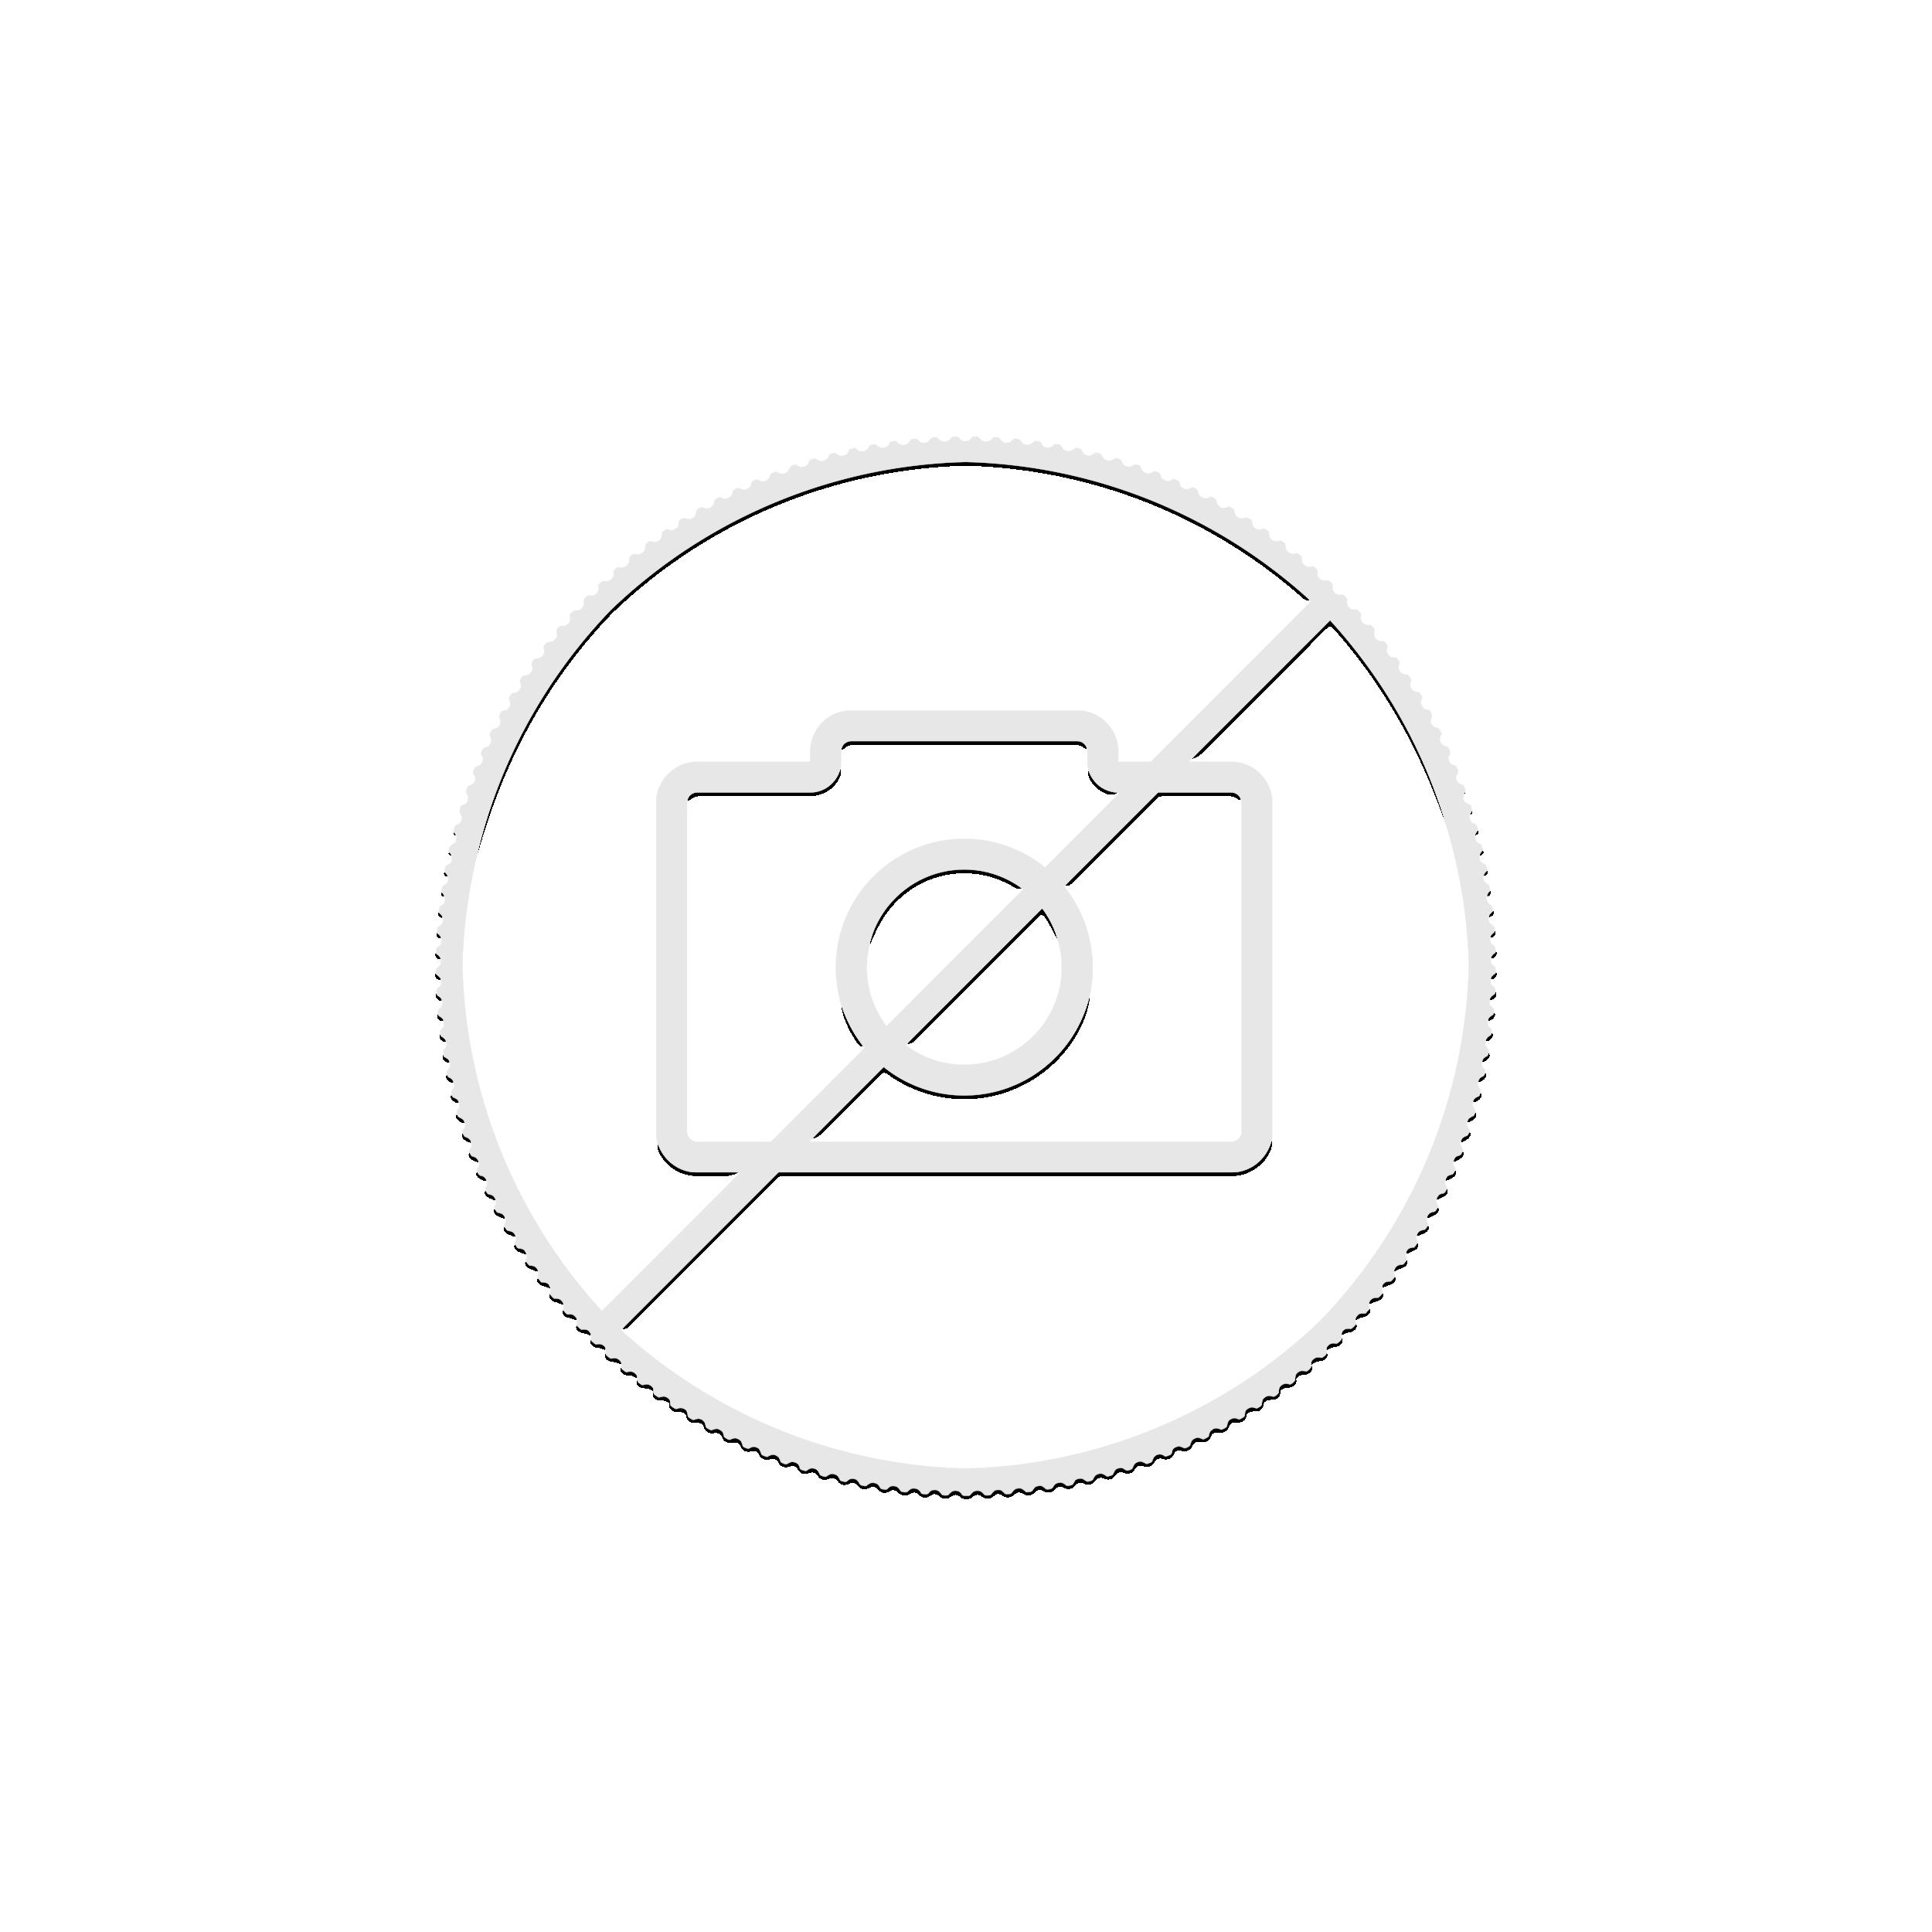 3x 1 Troy ounce zilveren munten Lunar 2020